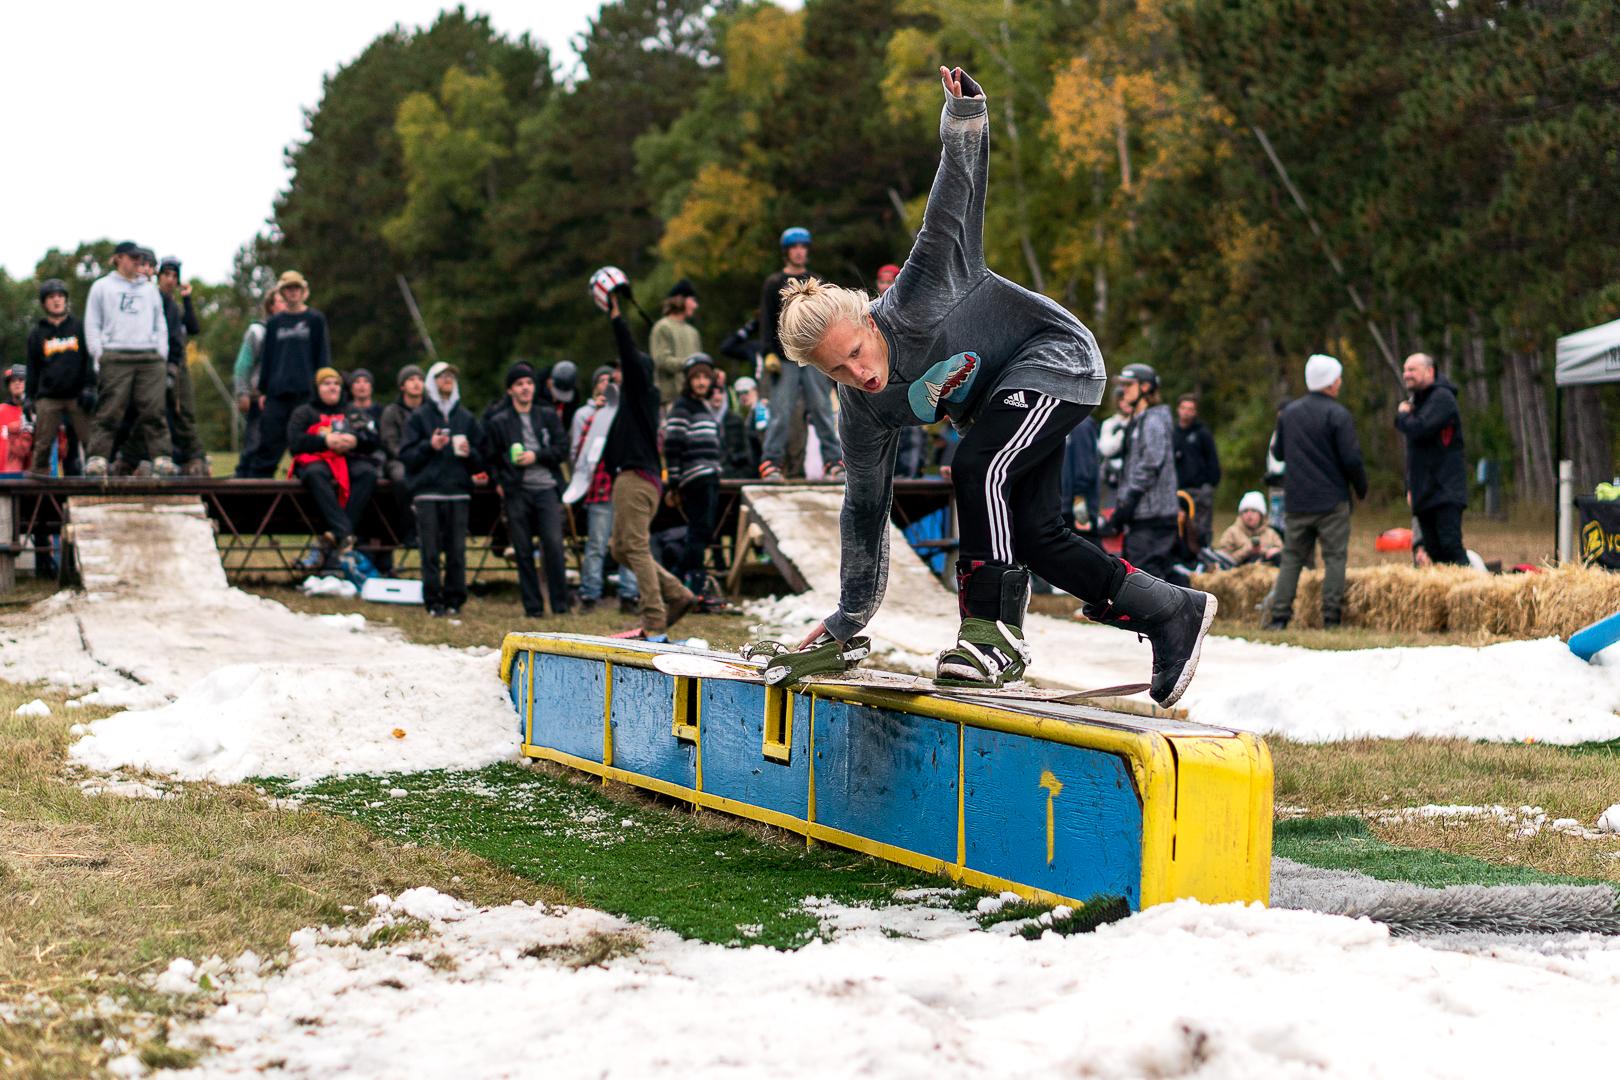 Trollhaugen's 2018 OpenHaugen Rail Jam